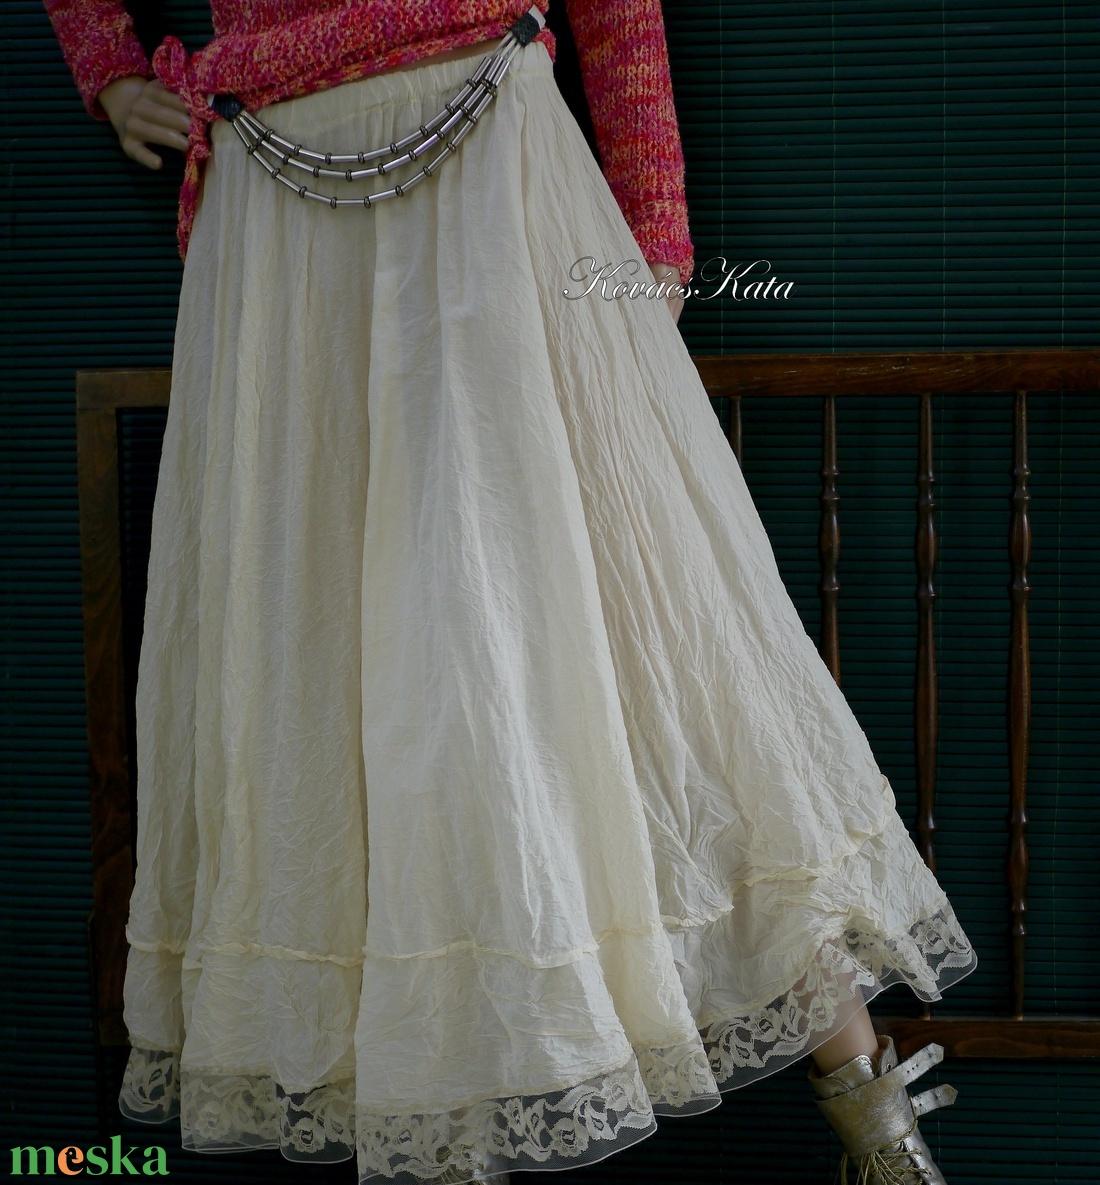 RÓZA - romantikus hosszú-szoknya, alsószoknya - ruha & divat - női ruha - szoknya - Meska.hu